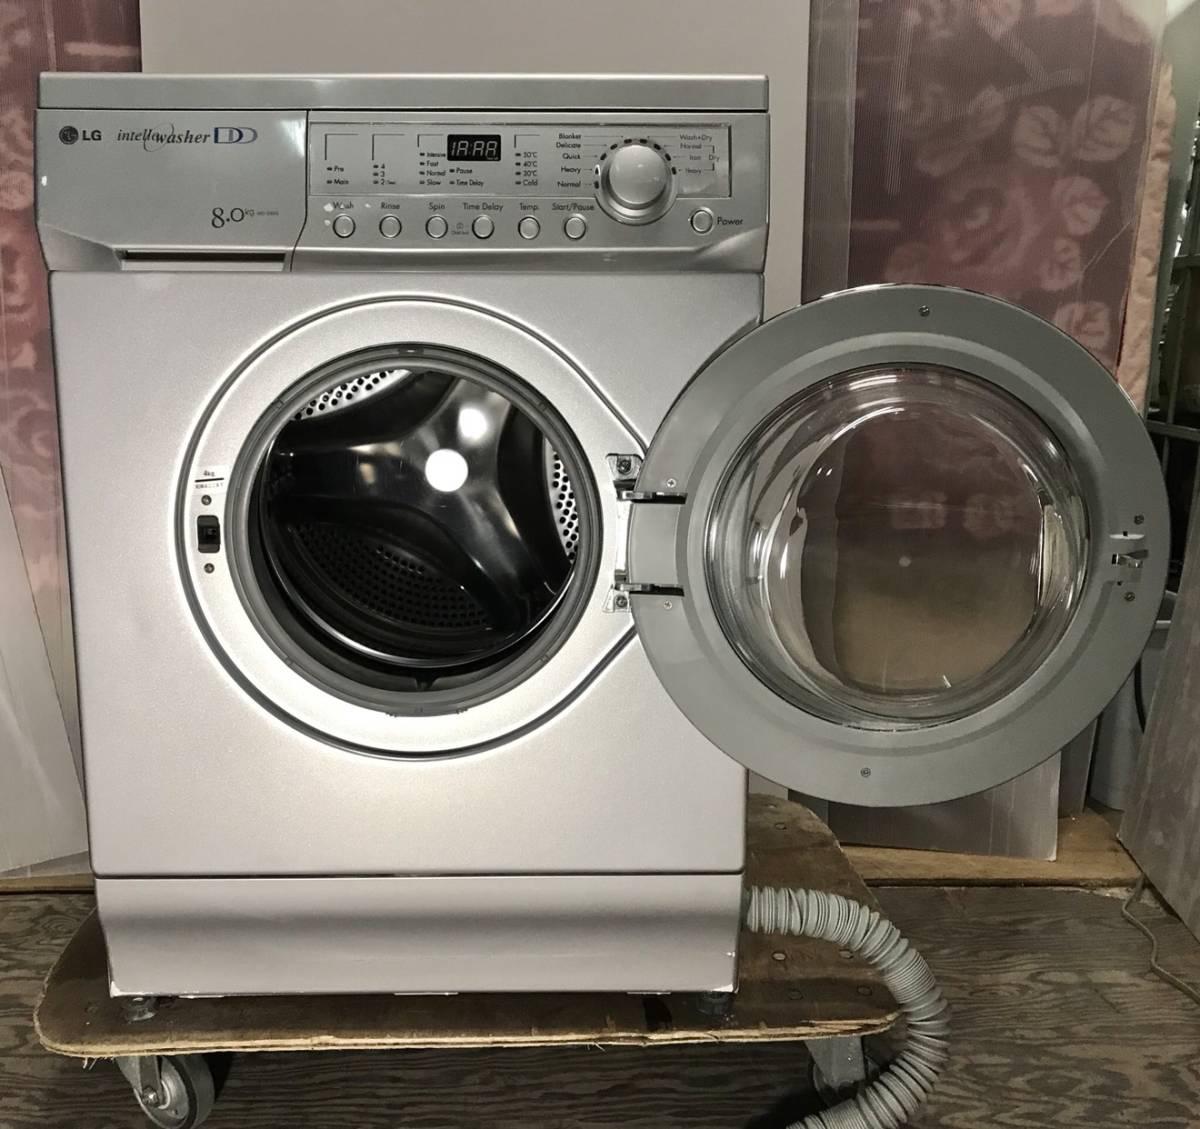 稀少モデル 欧米デザインドラム式洗濯機 WD-D84S 洗濯8kg 乾燥4kg シルバー デザイン家電 インテリア 目黒区発_画像2